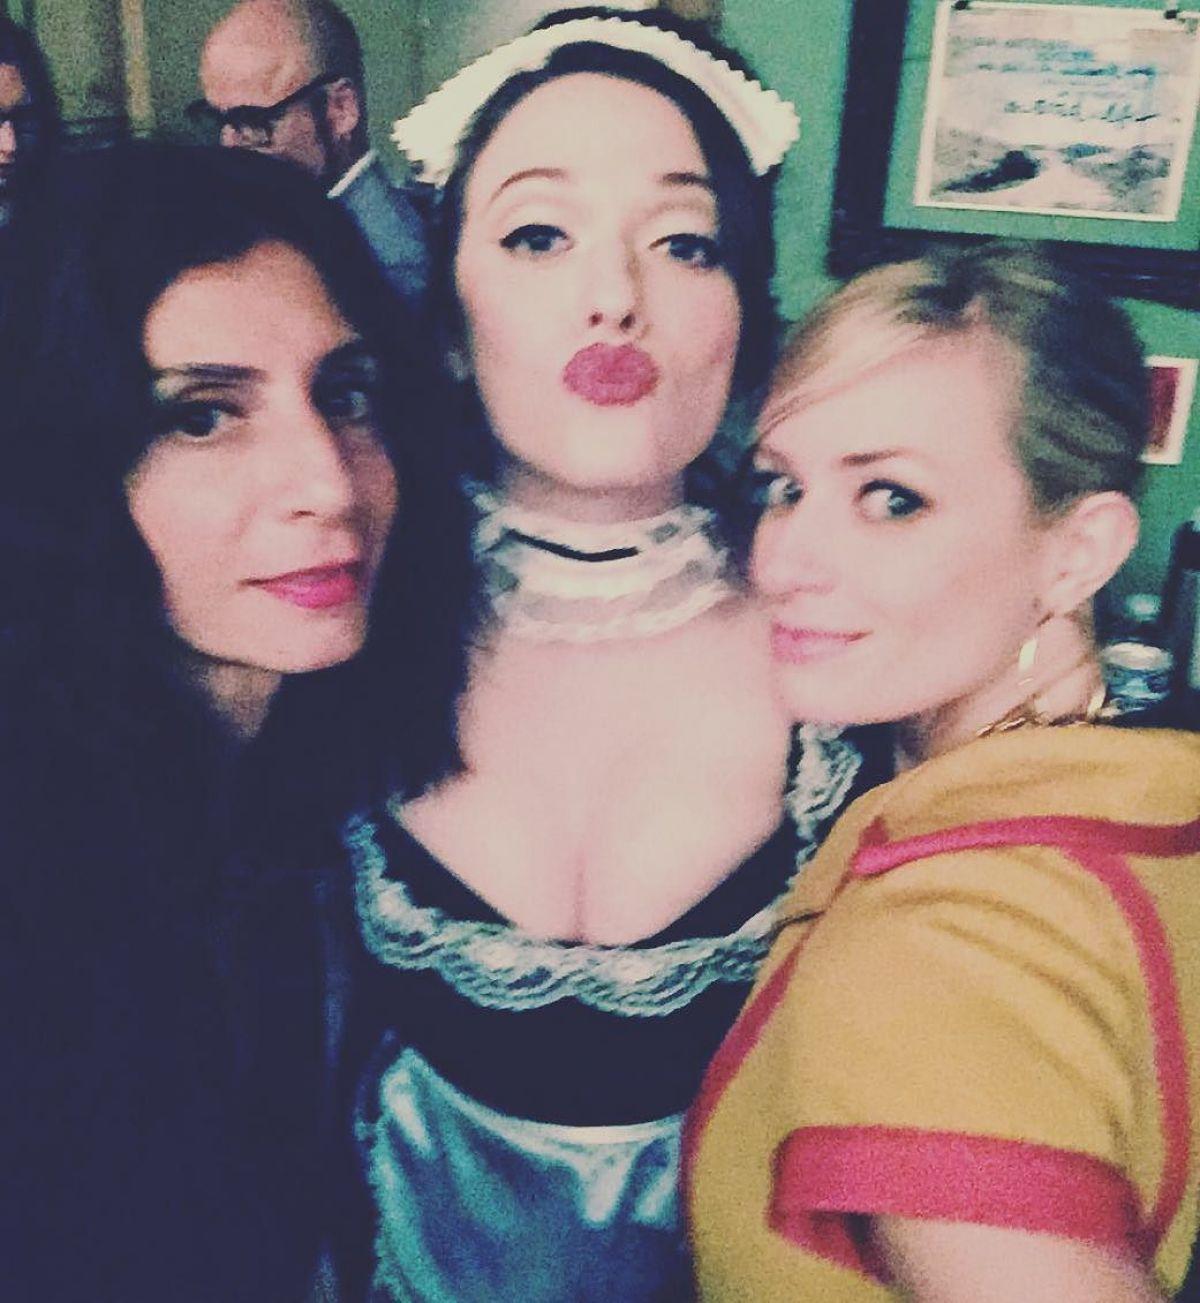 Selfie Kat Dennings nude photos 2019